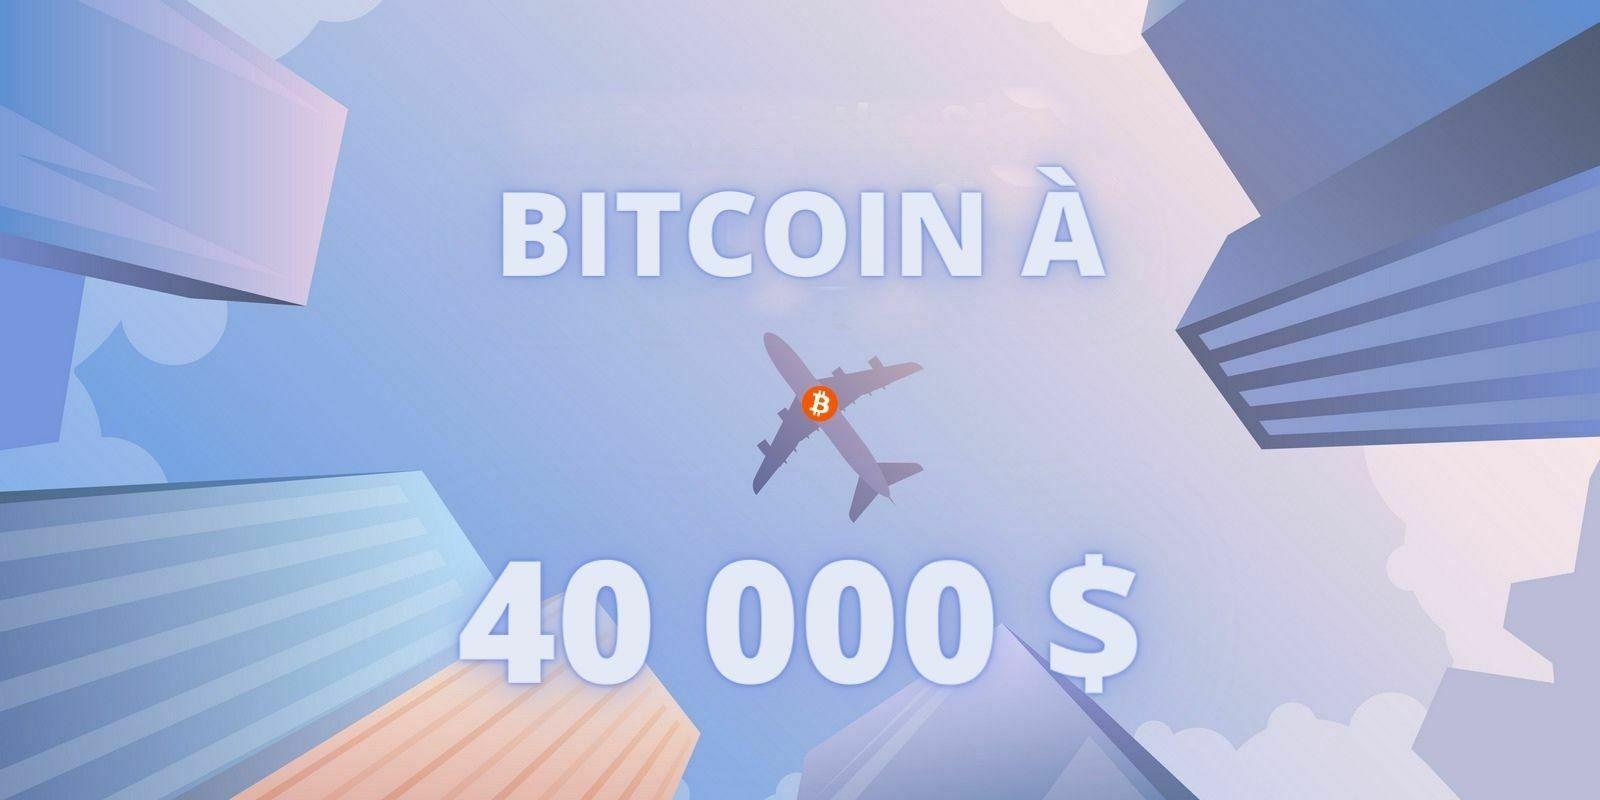 Le volume d'échange de Bitcoin (BTC) double alors que son prix a dépassé les 40 000 dollars